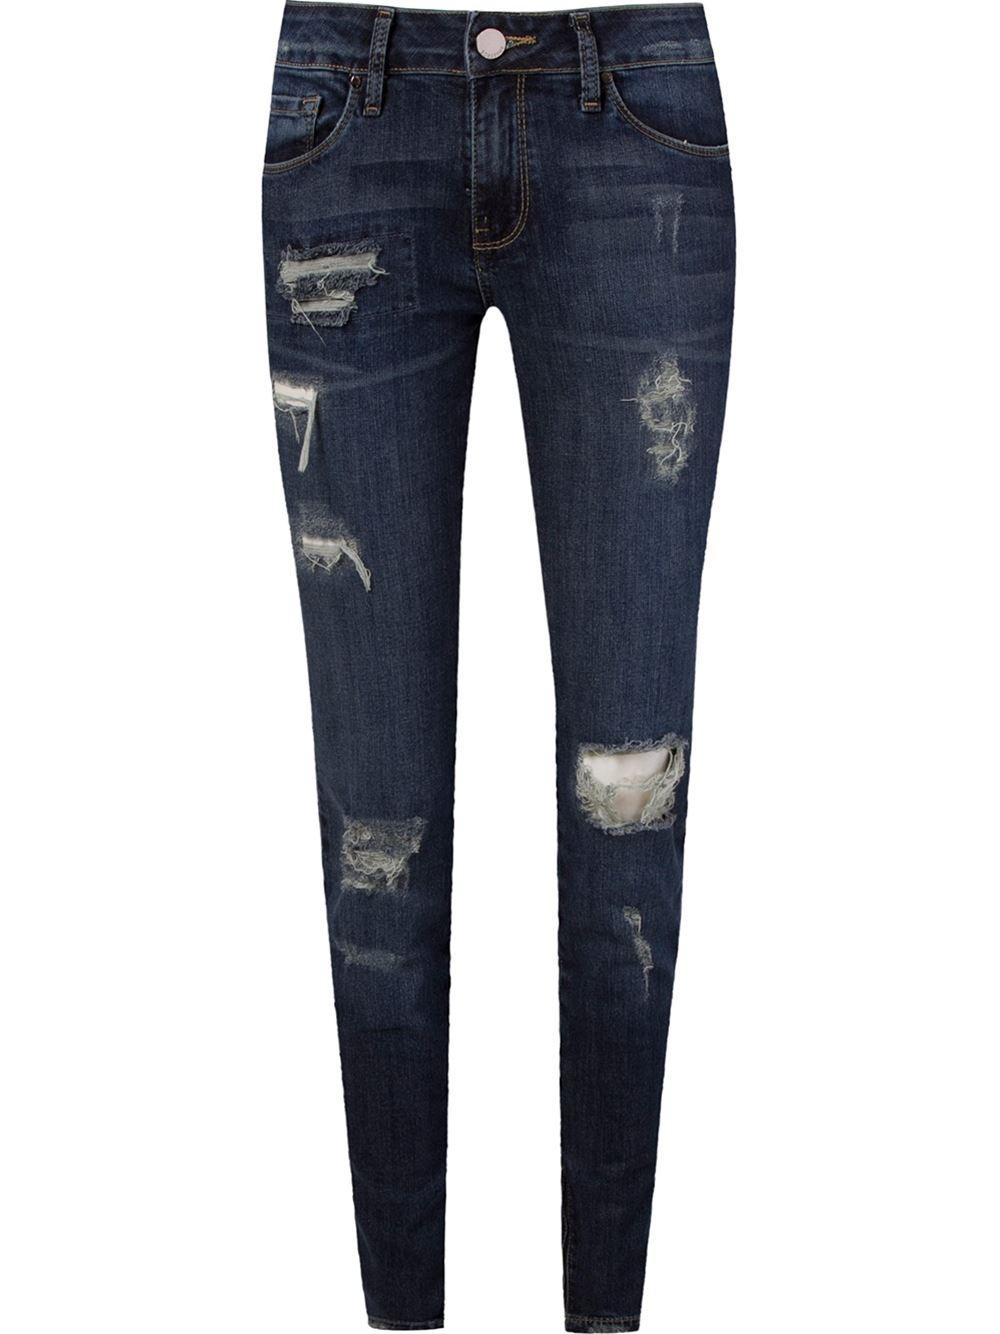 Calça Skinny Bobstore - compre AQUI imagem: divulgação/ farfetch